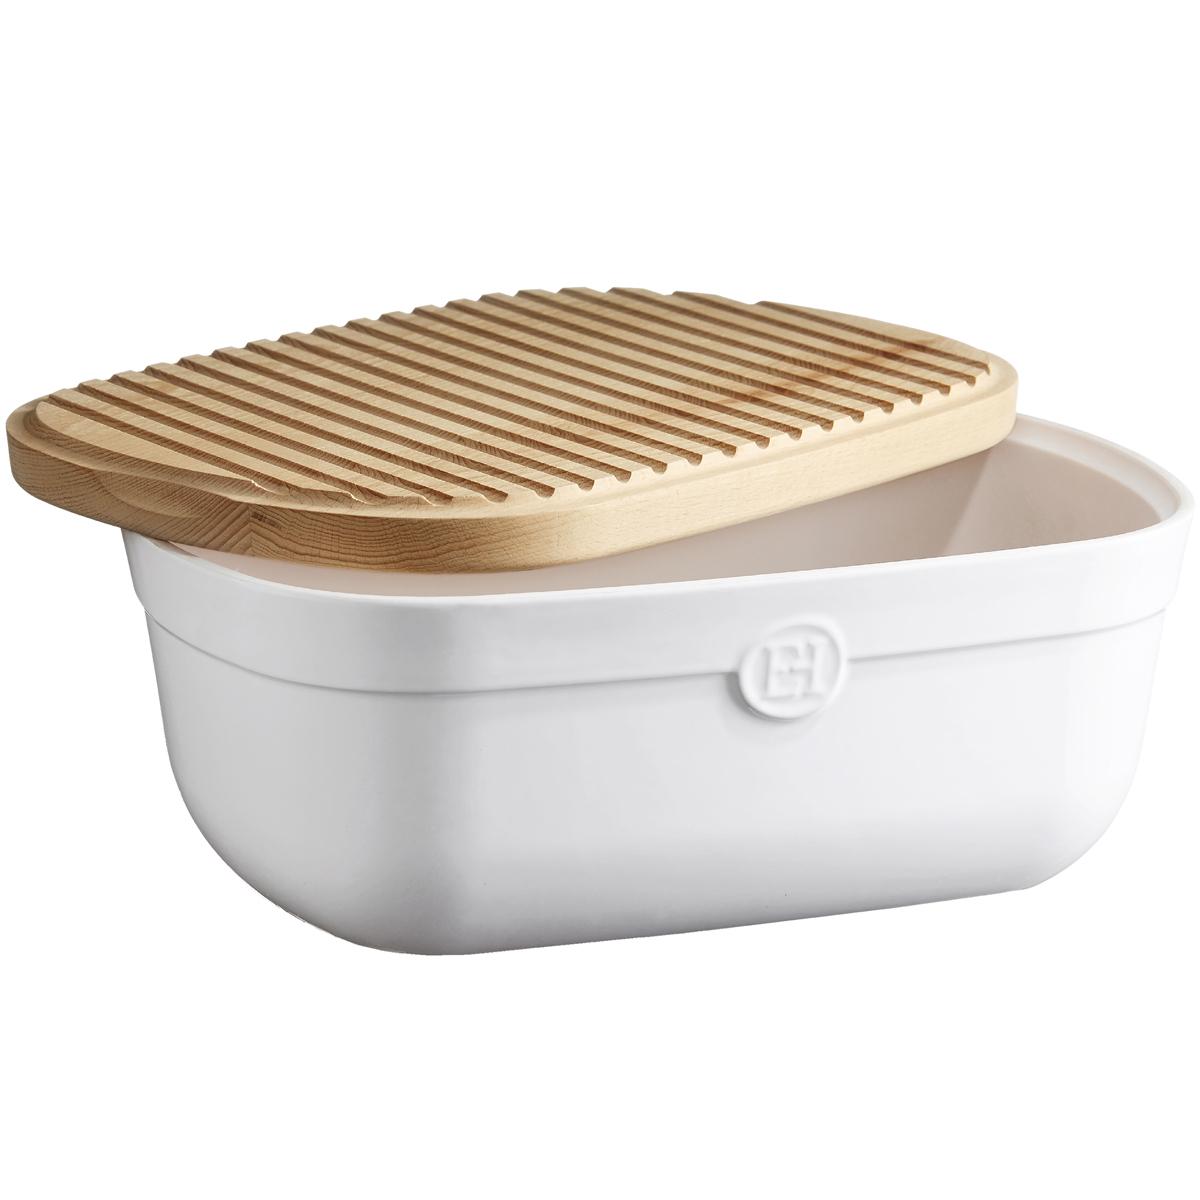 - Base de cerâmica vitrificada - compatível com máquina de lavar louça